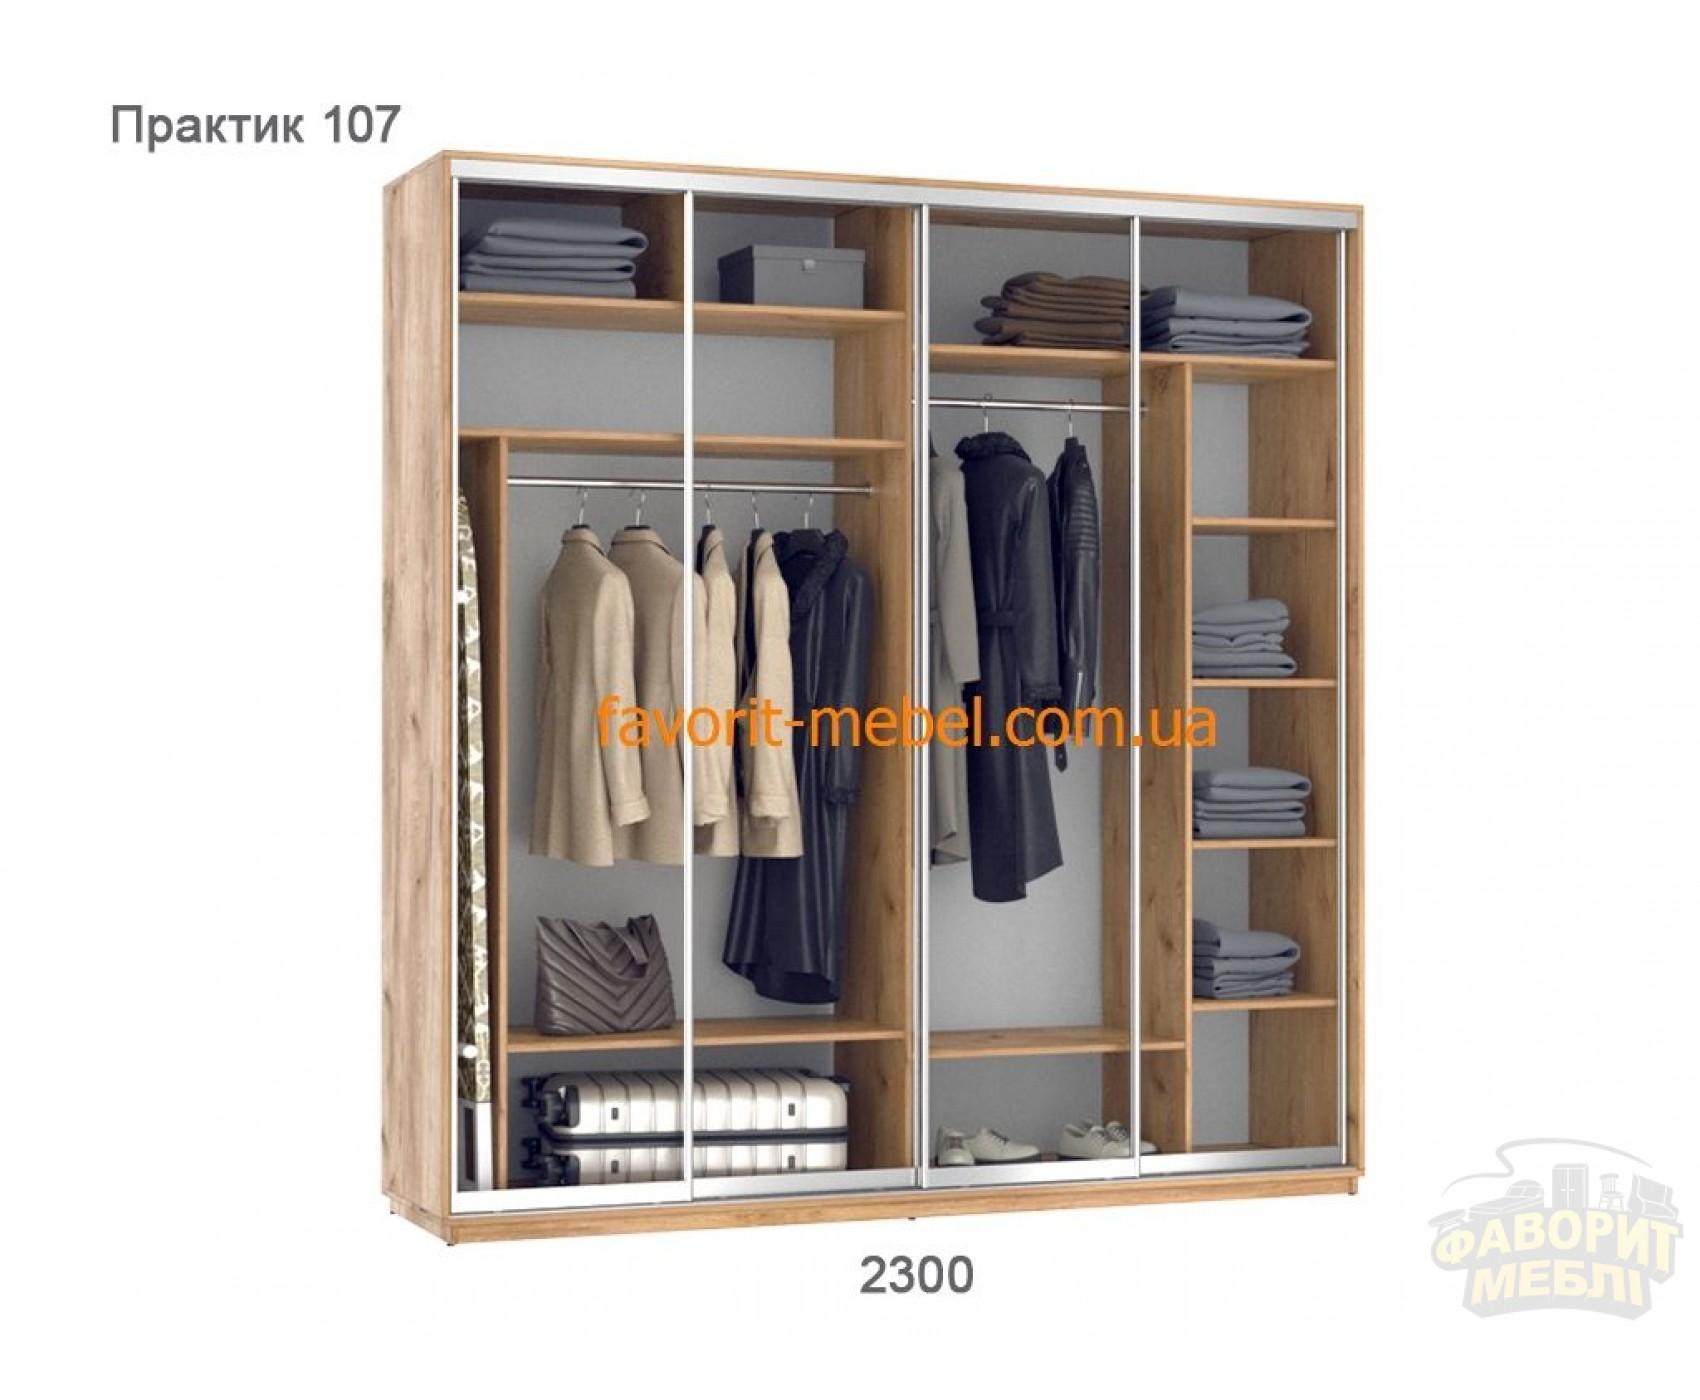 Шкаф купе Практик 107/4 (230х60х240 см)